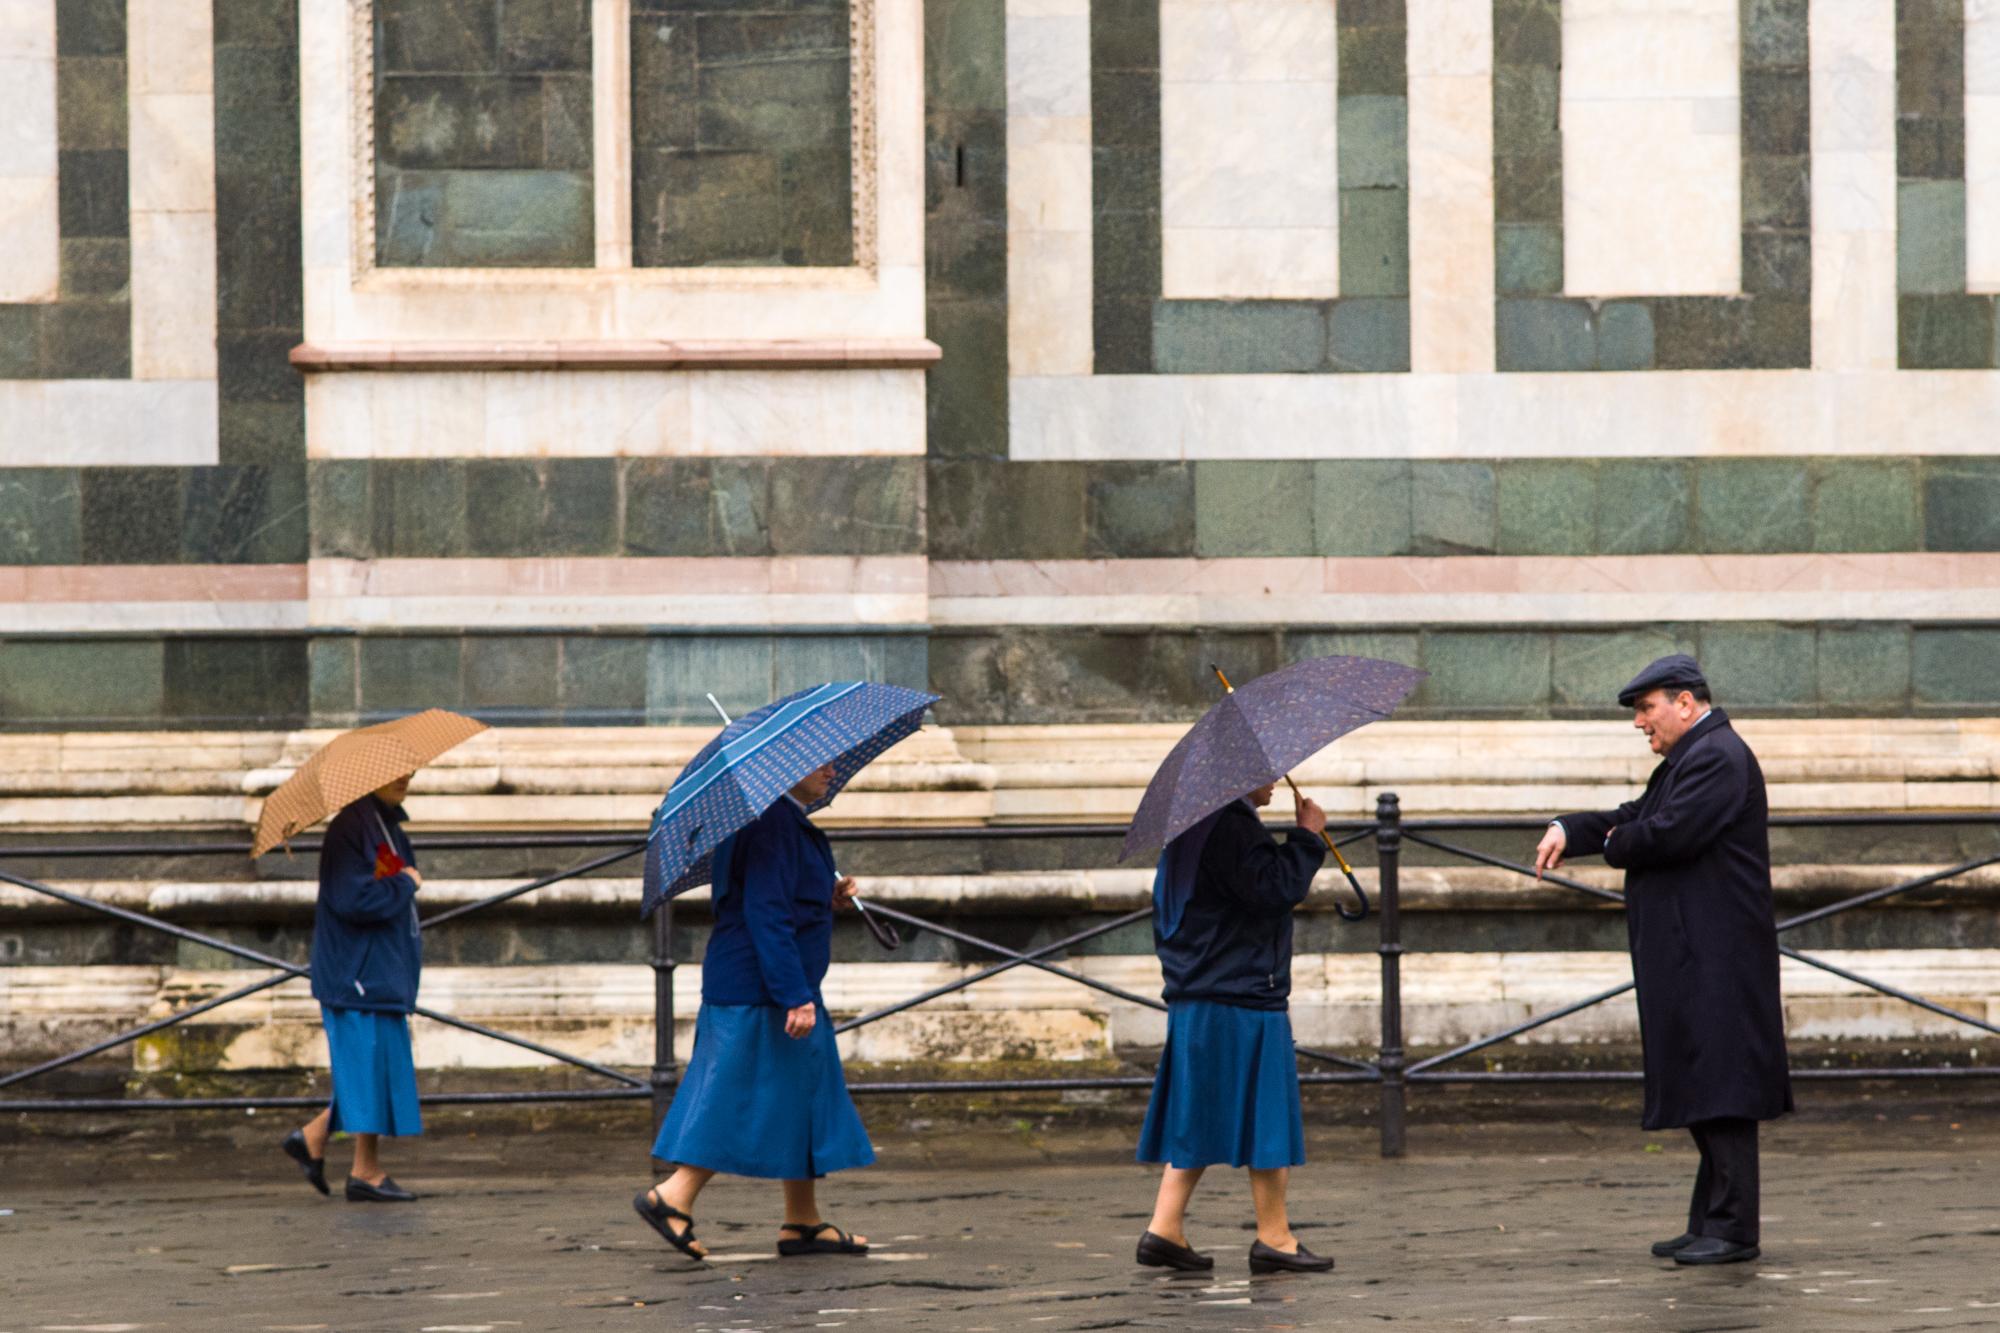 Nuns walking by the Duomo